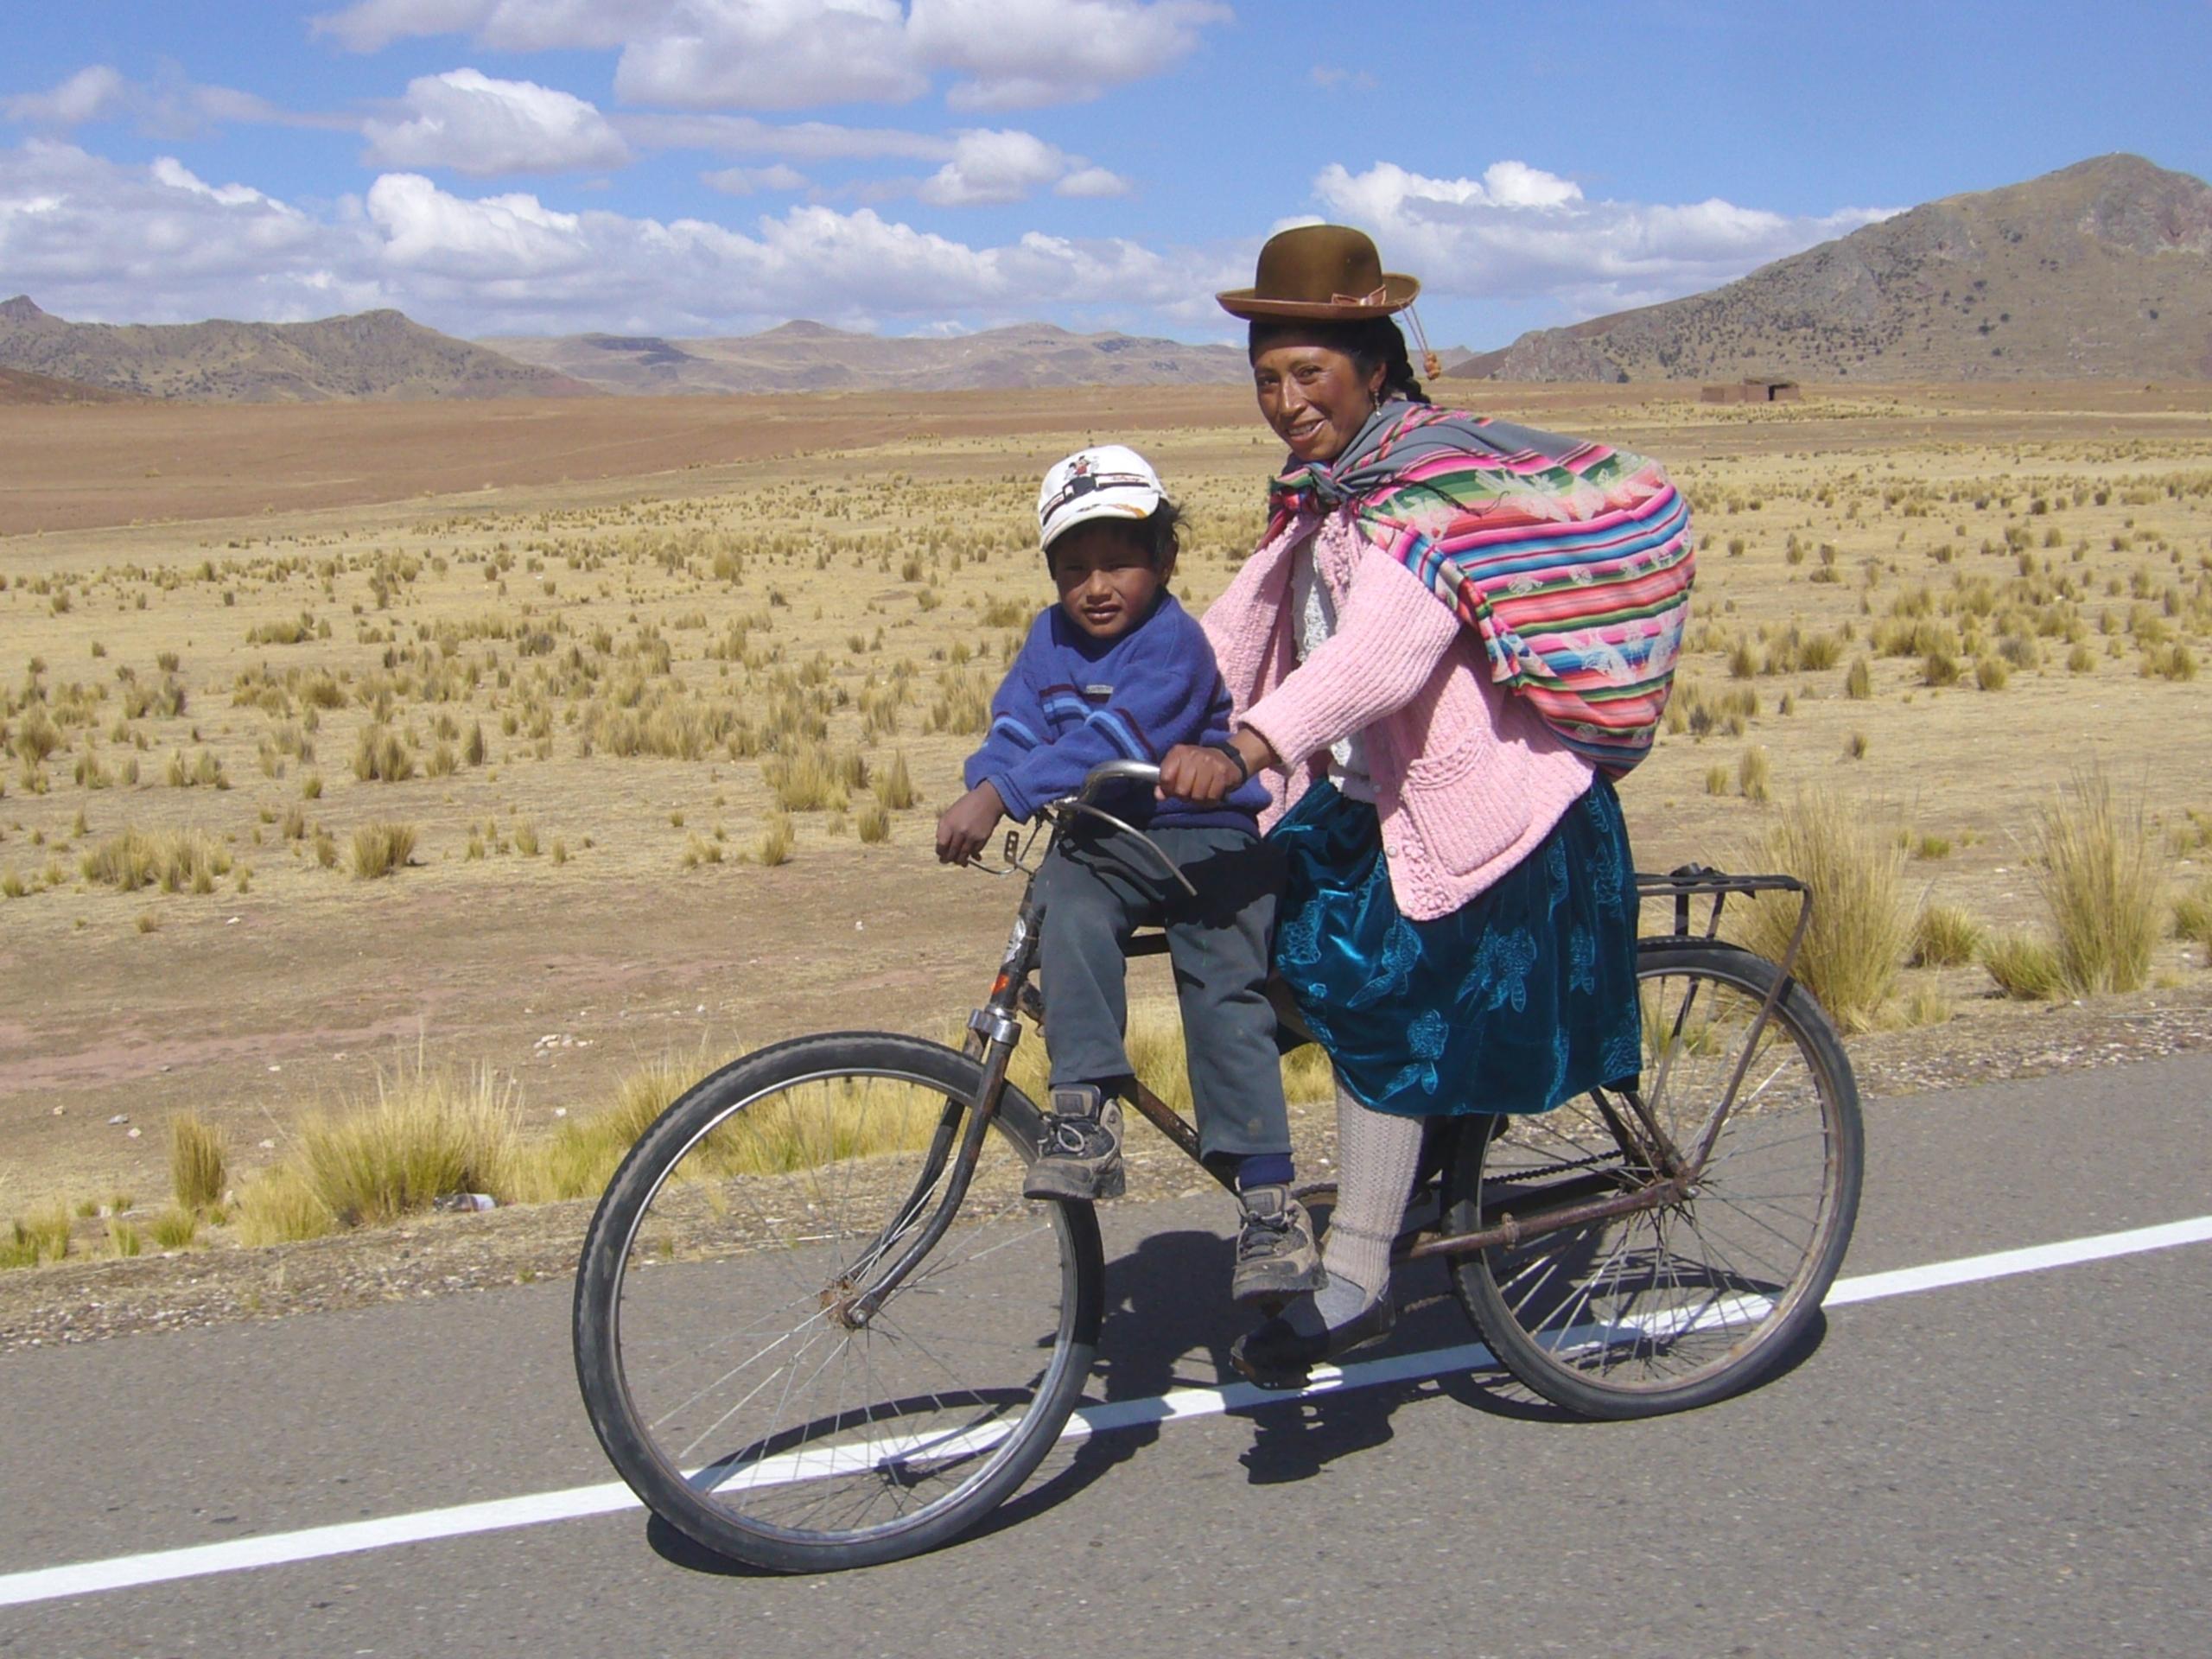 Radreise Peru 2008 - Altiplano - Mutter mit Kind auf dem Fahrrad